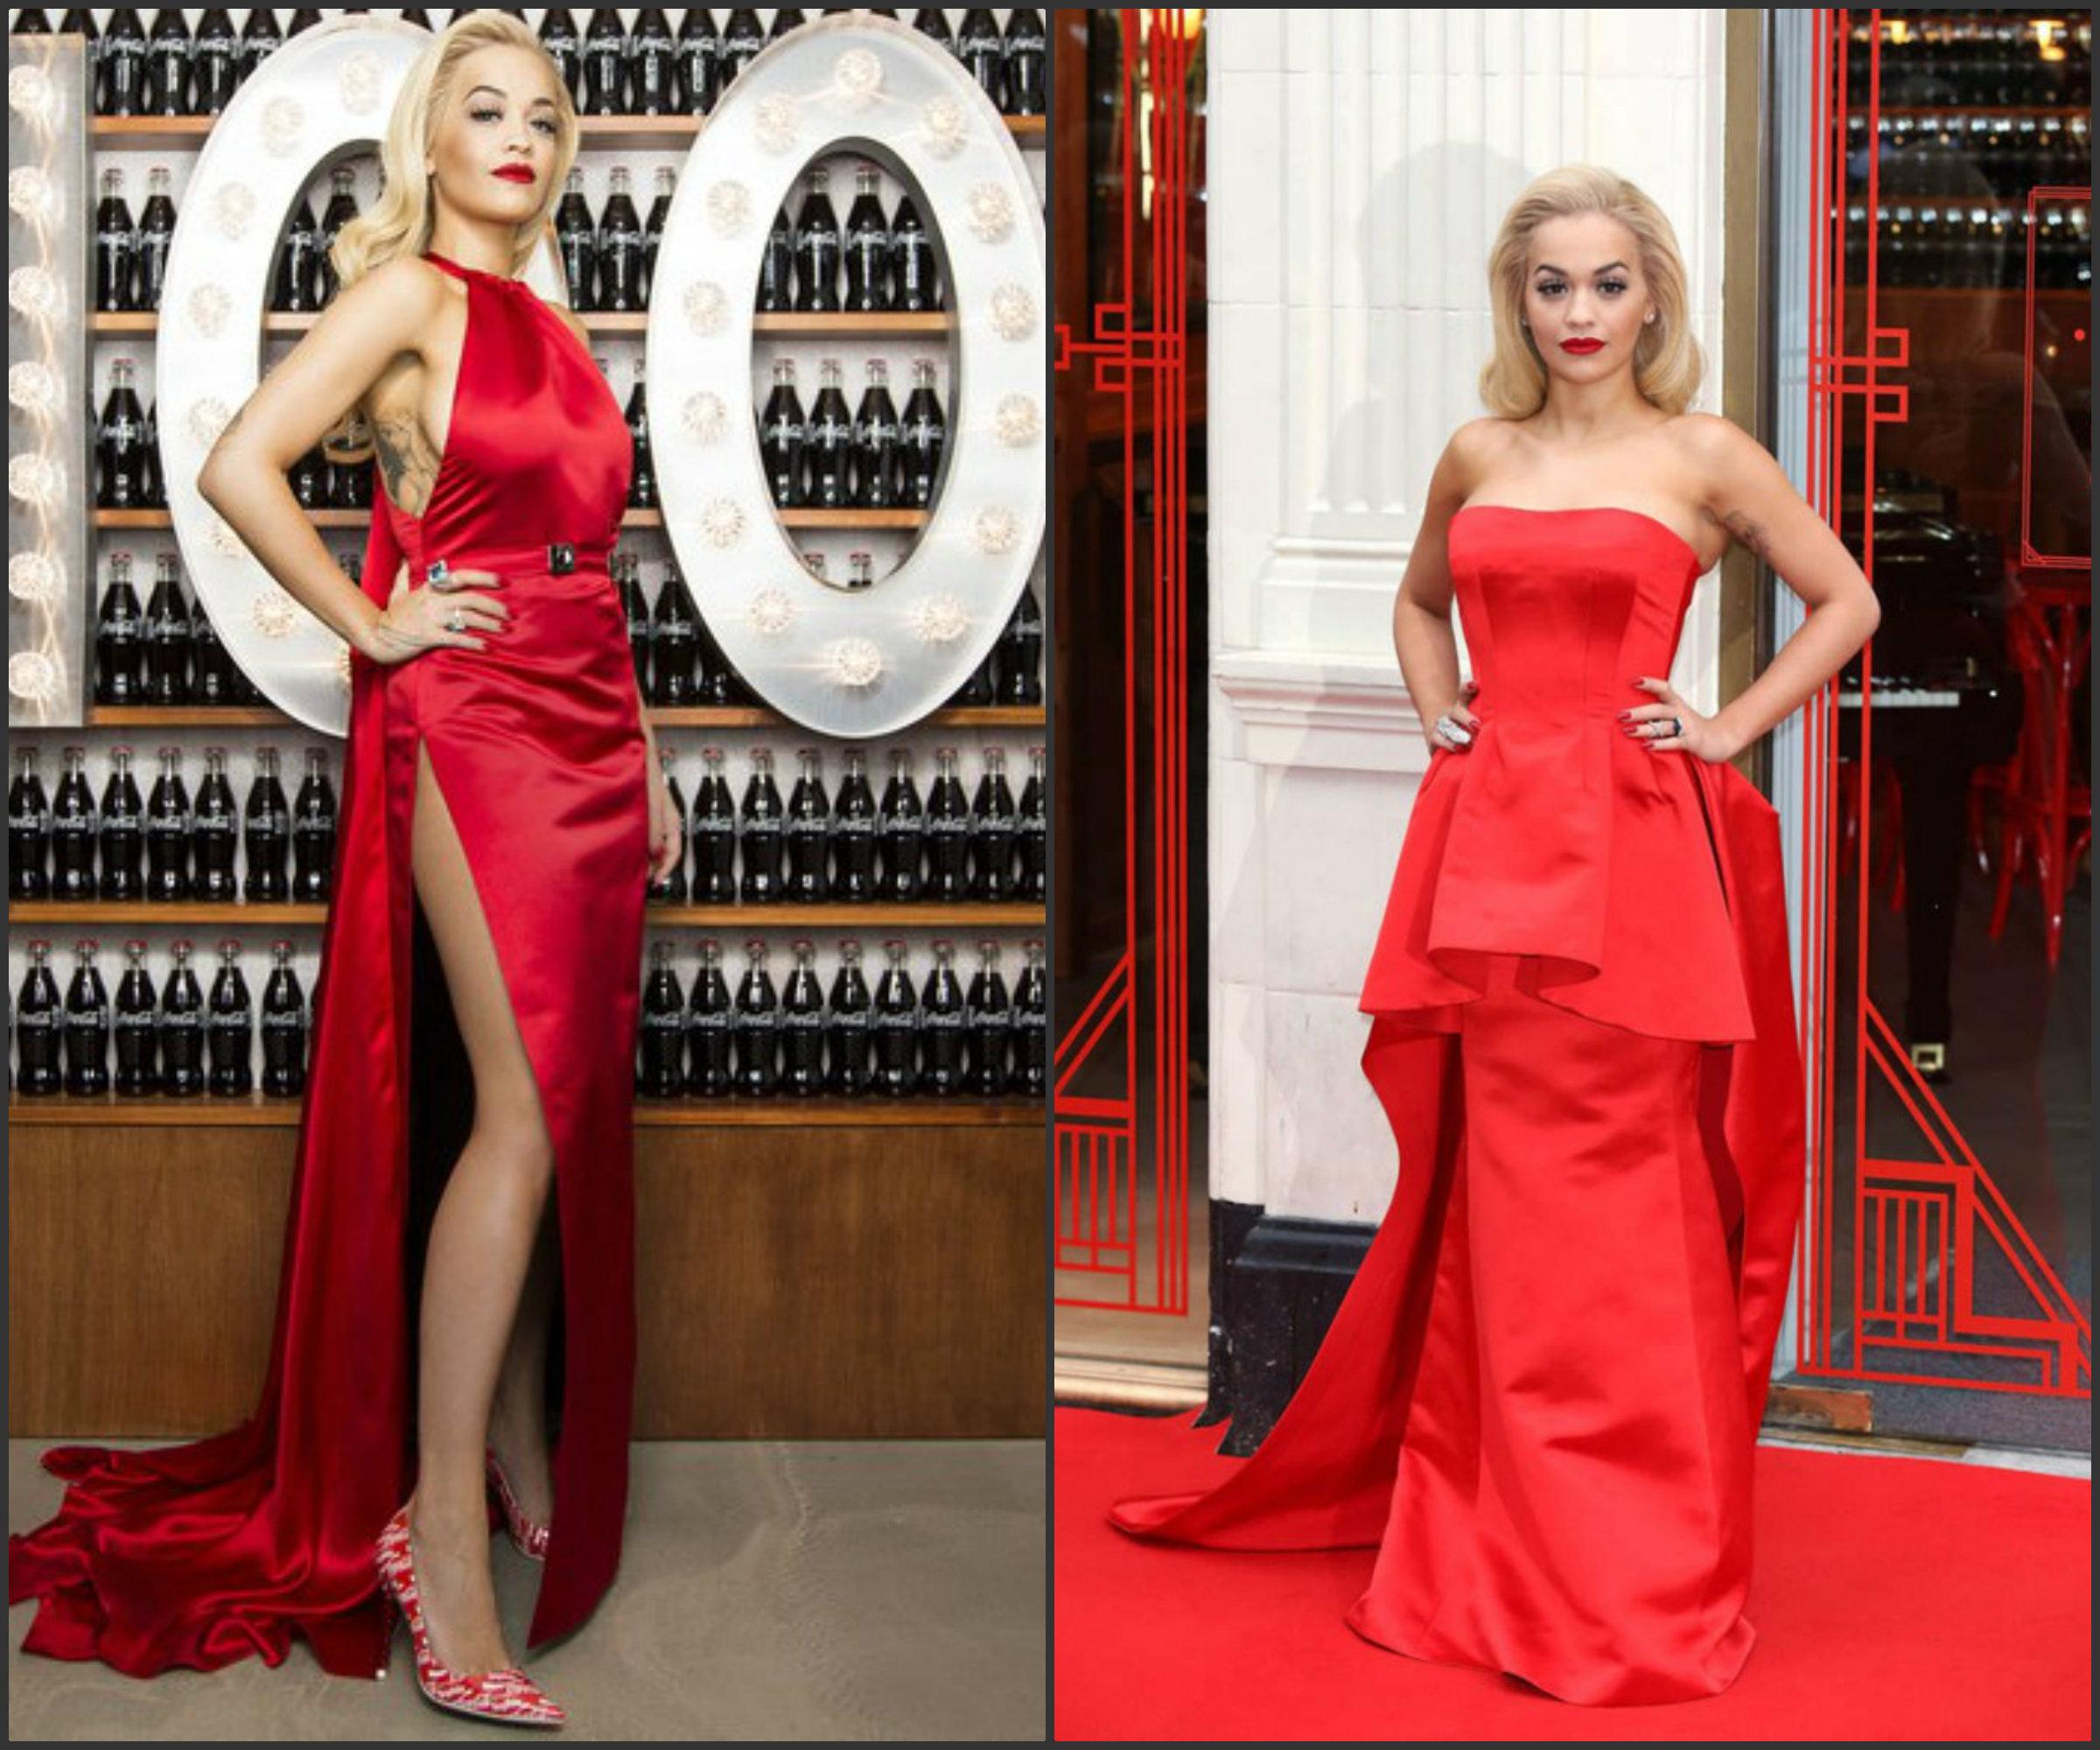 Rita-Ora-in-Veni-Vici-Couture-Sorapol-at-Coca-Cola-Contour-Centenary-Bar-Photocall